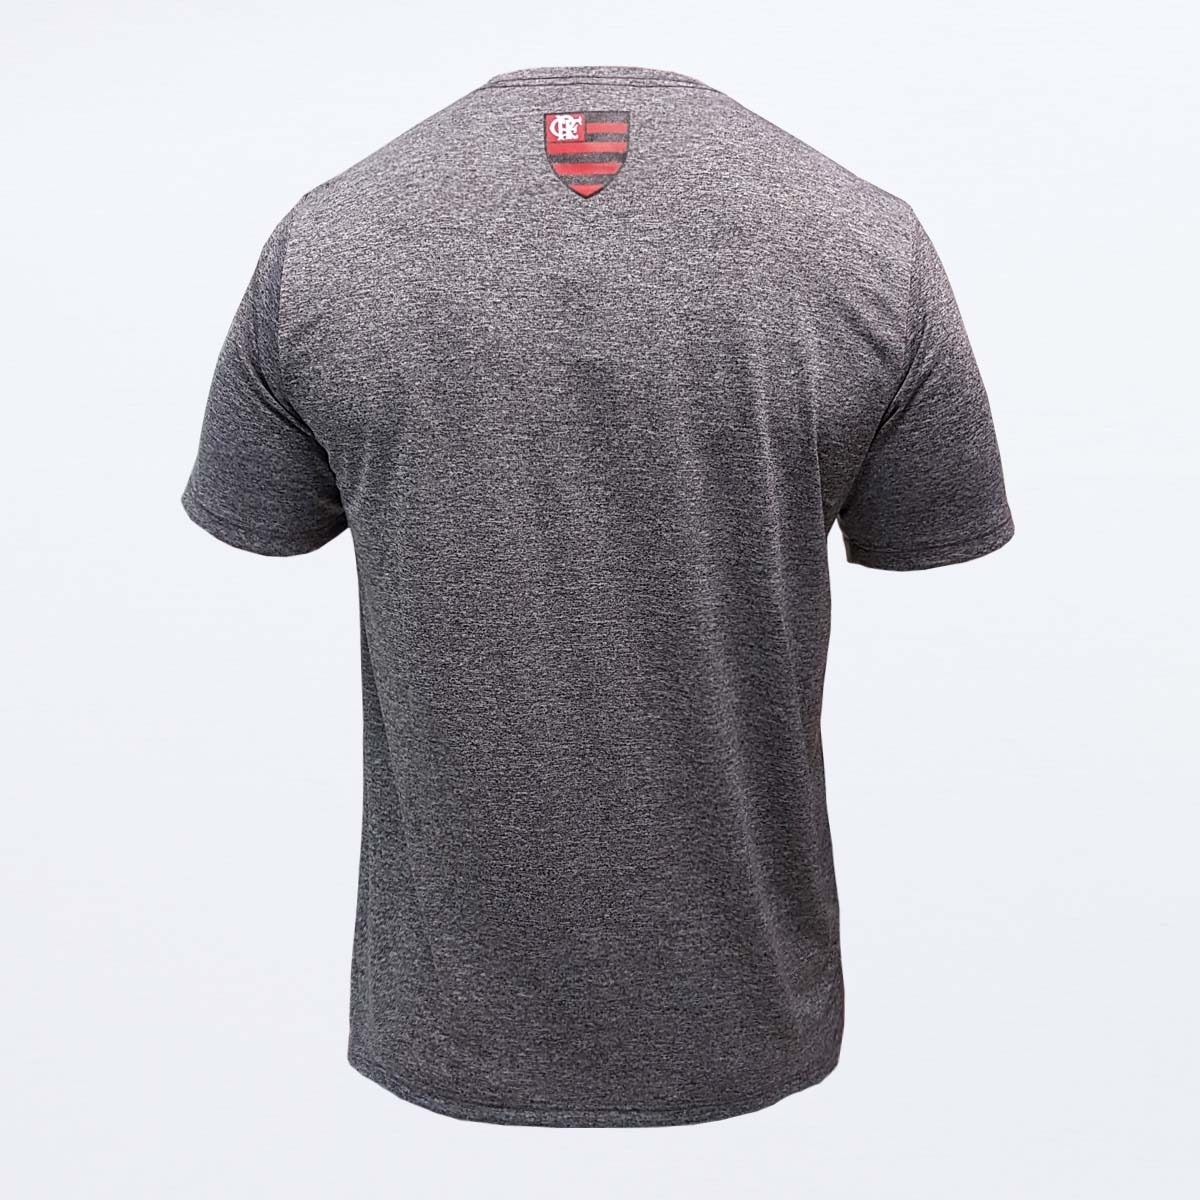 deb834c0ee Camisa Time Grande Não Cai Flamengo - Braziline - R  89